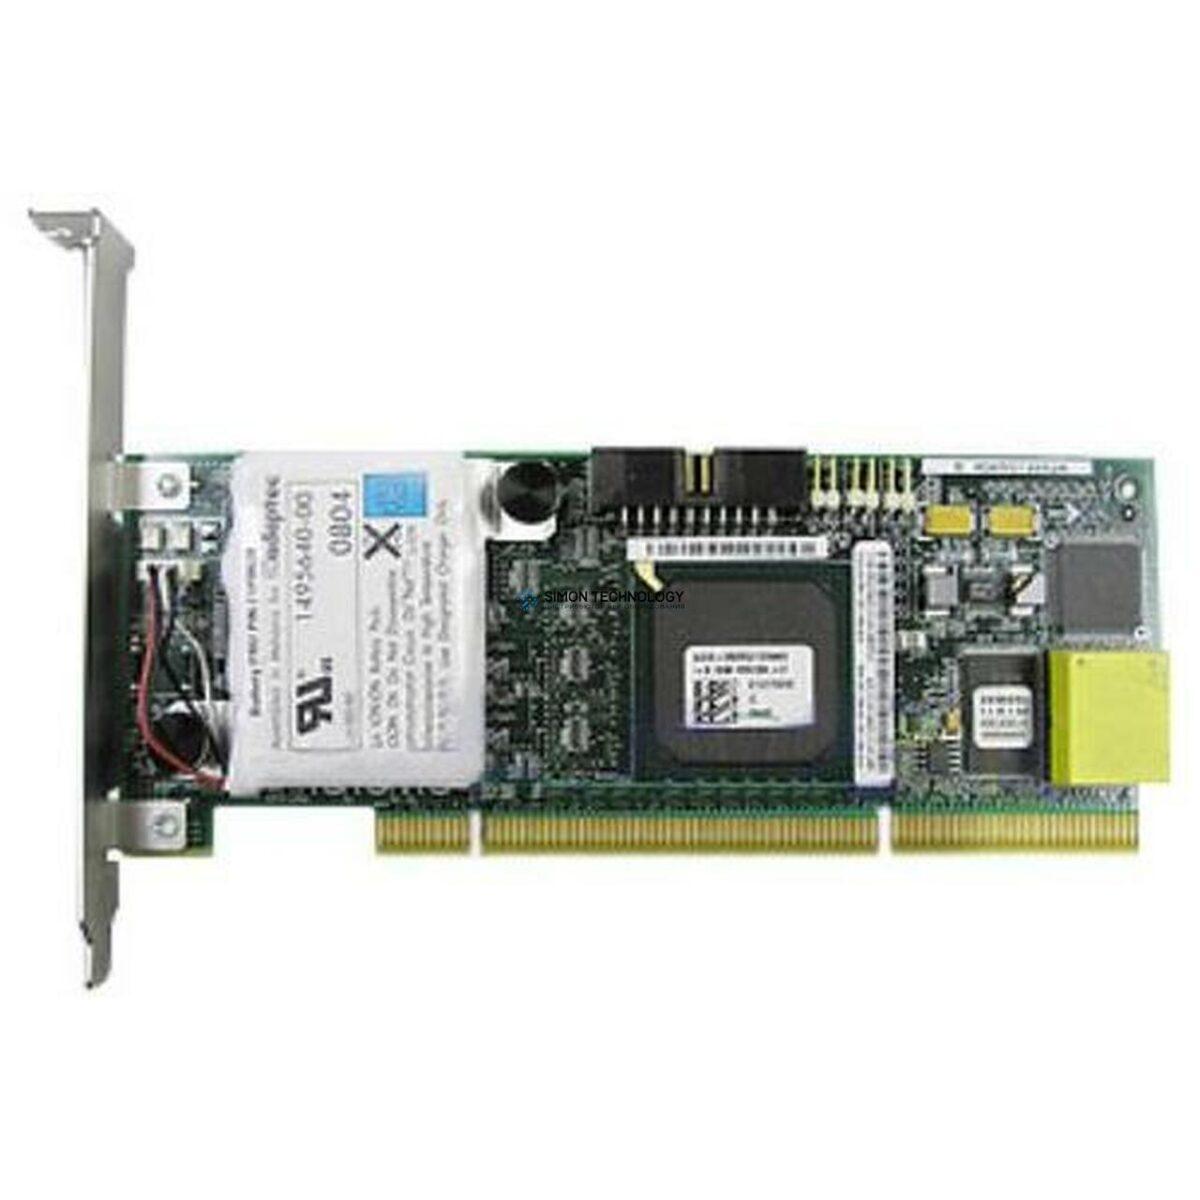 Контроллер RAID IBM NOB SERVERAID 6I 2-CHAN SCSI-U320-LVDSE CTRL - IBM (71P8595-NOB)